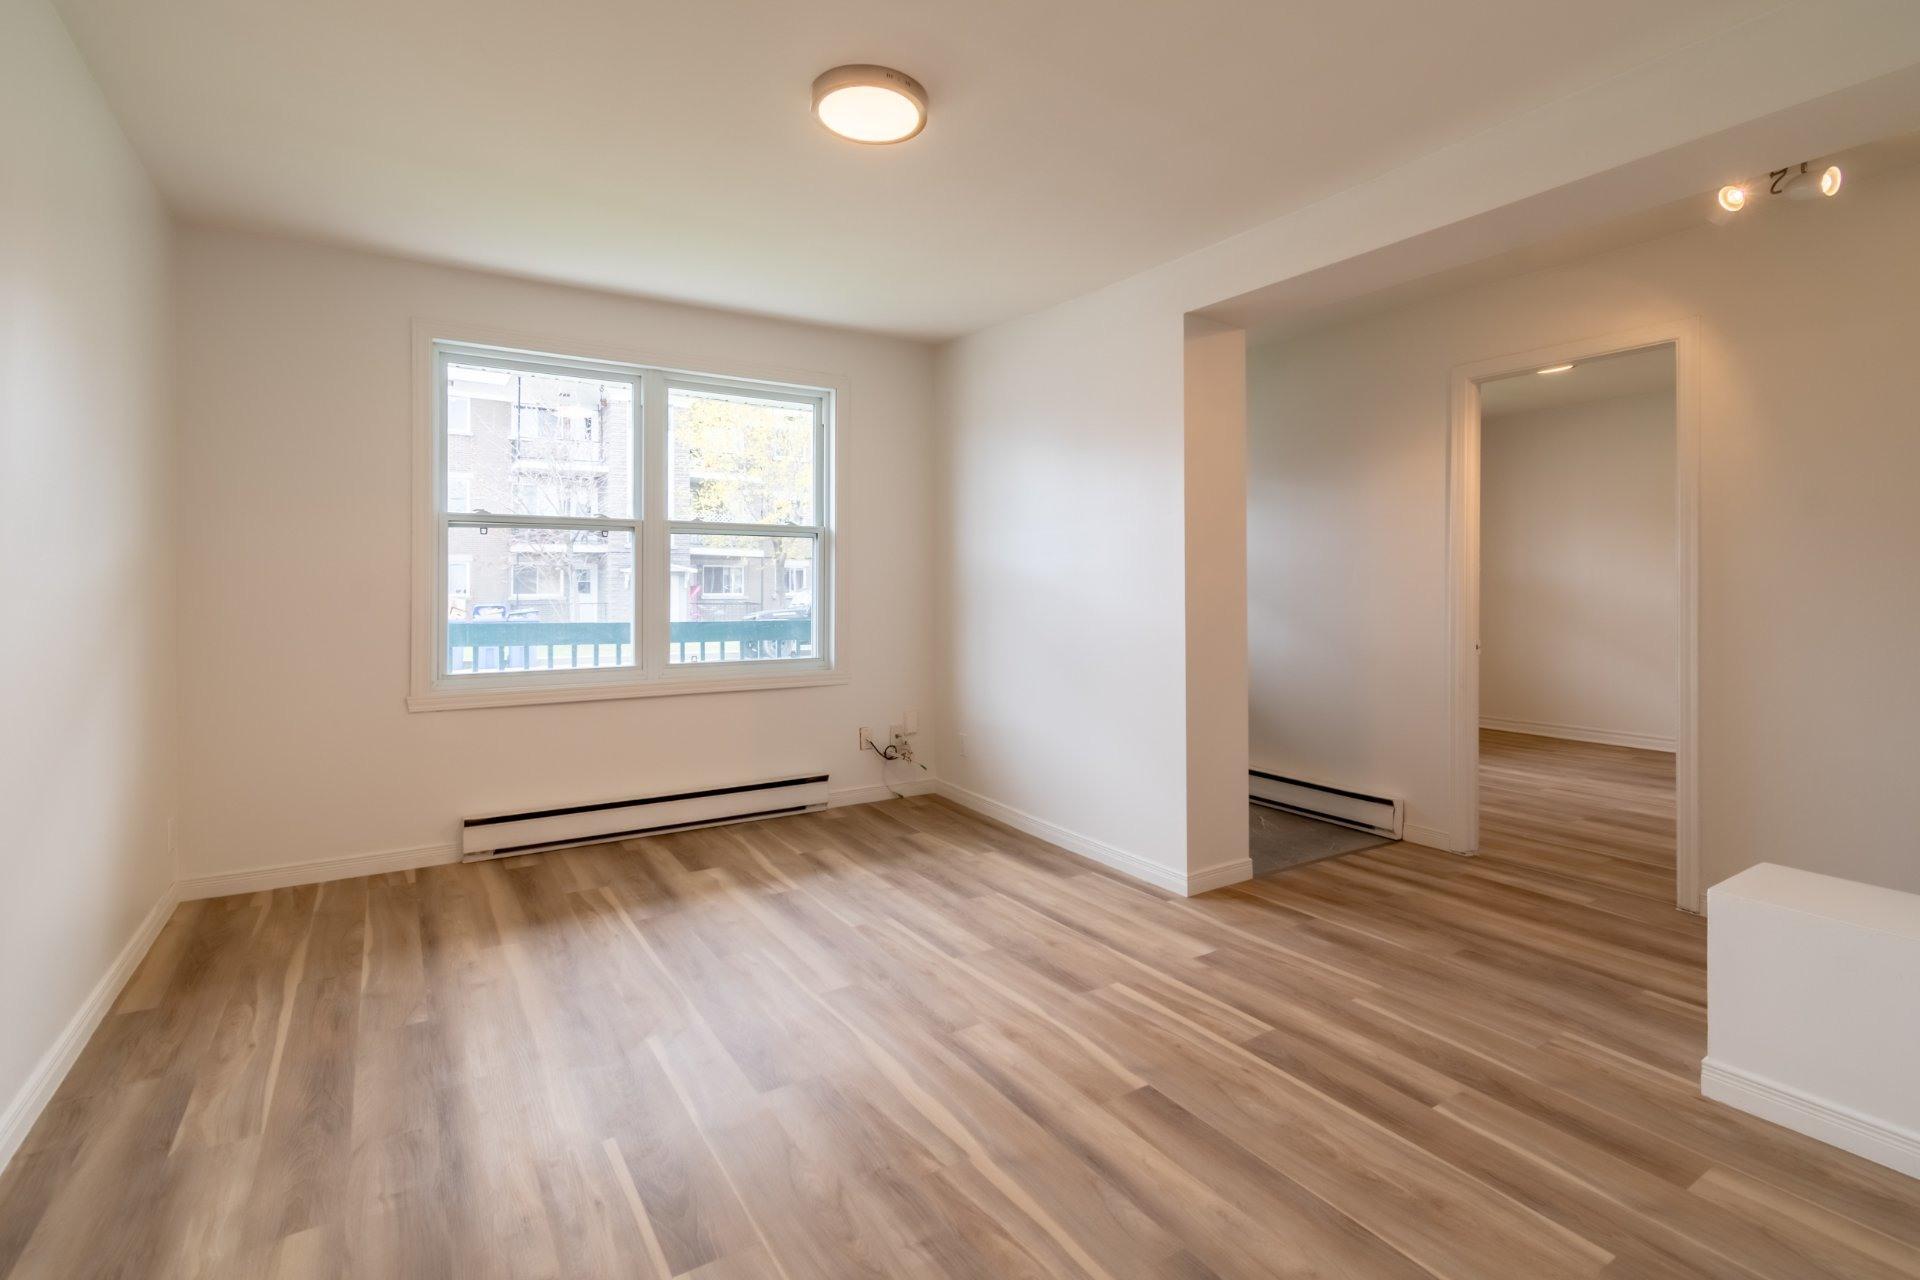 image 18 - Duplex For sale Trois-Rivières - 5 rooms